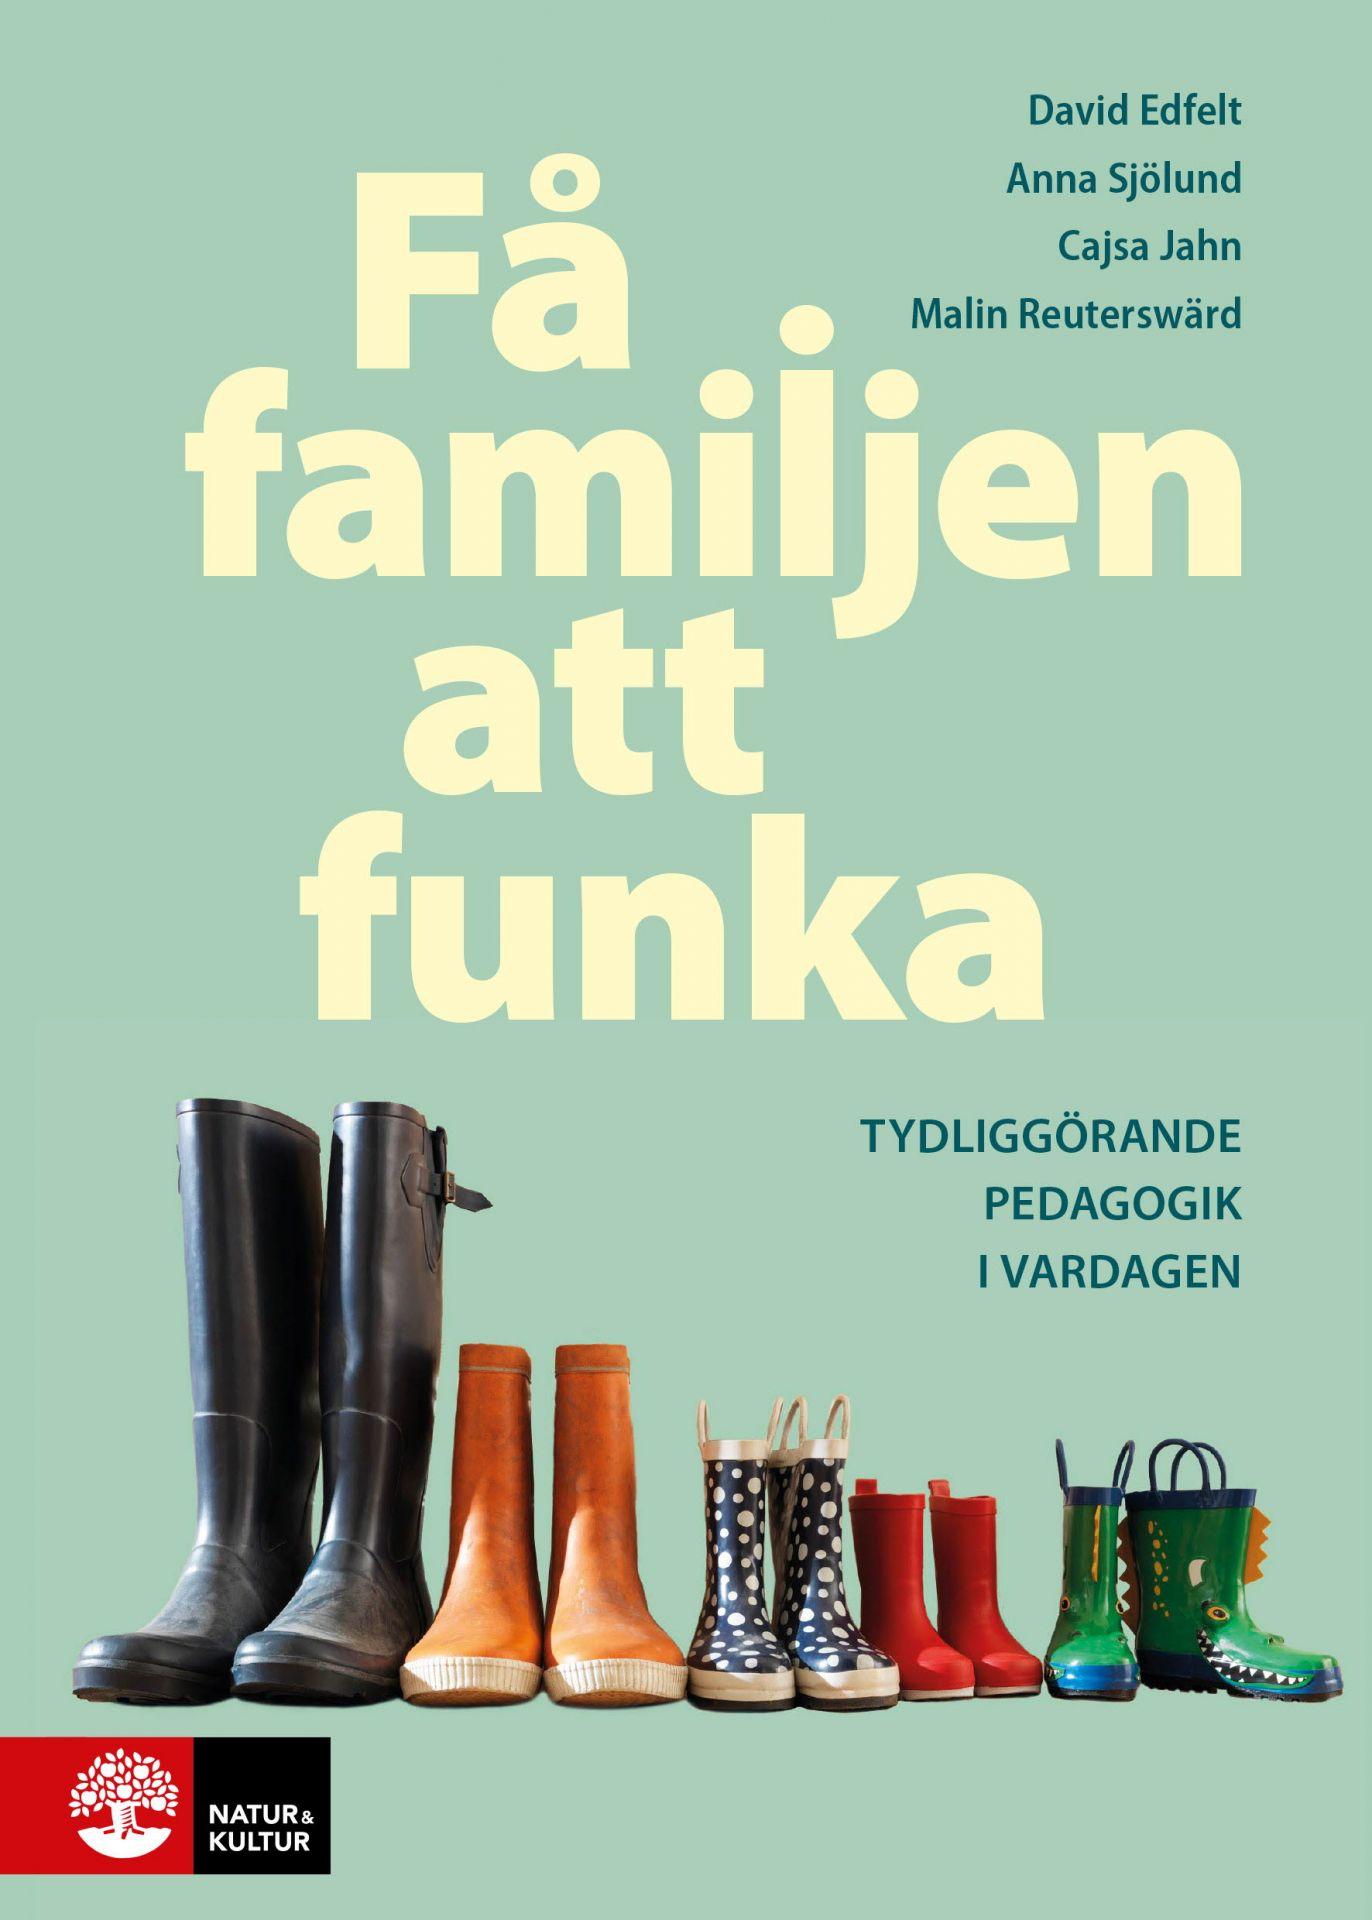 Pärmen på boken Få familjen att funka.